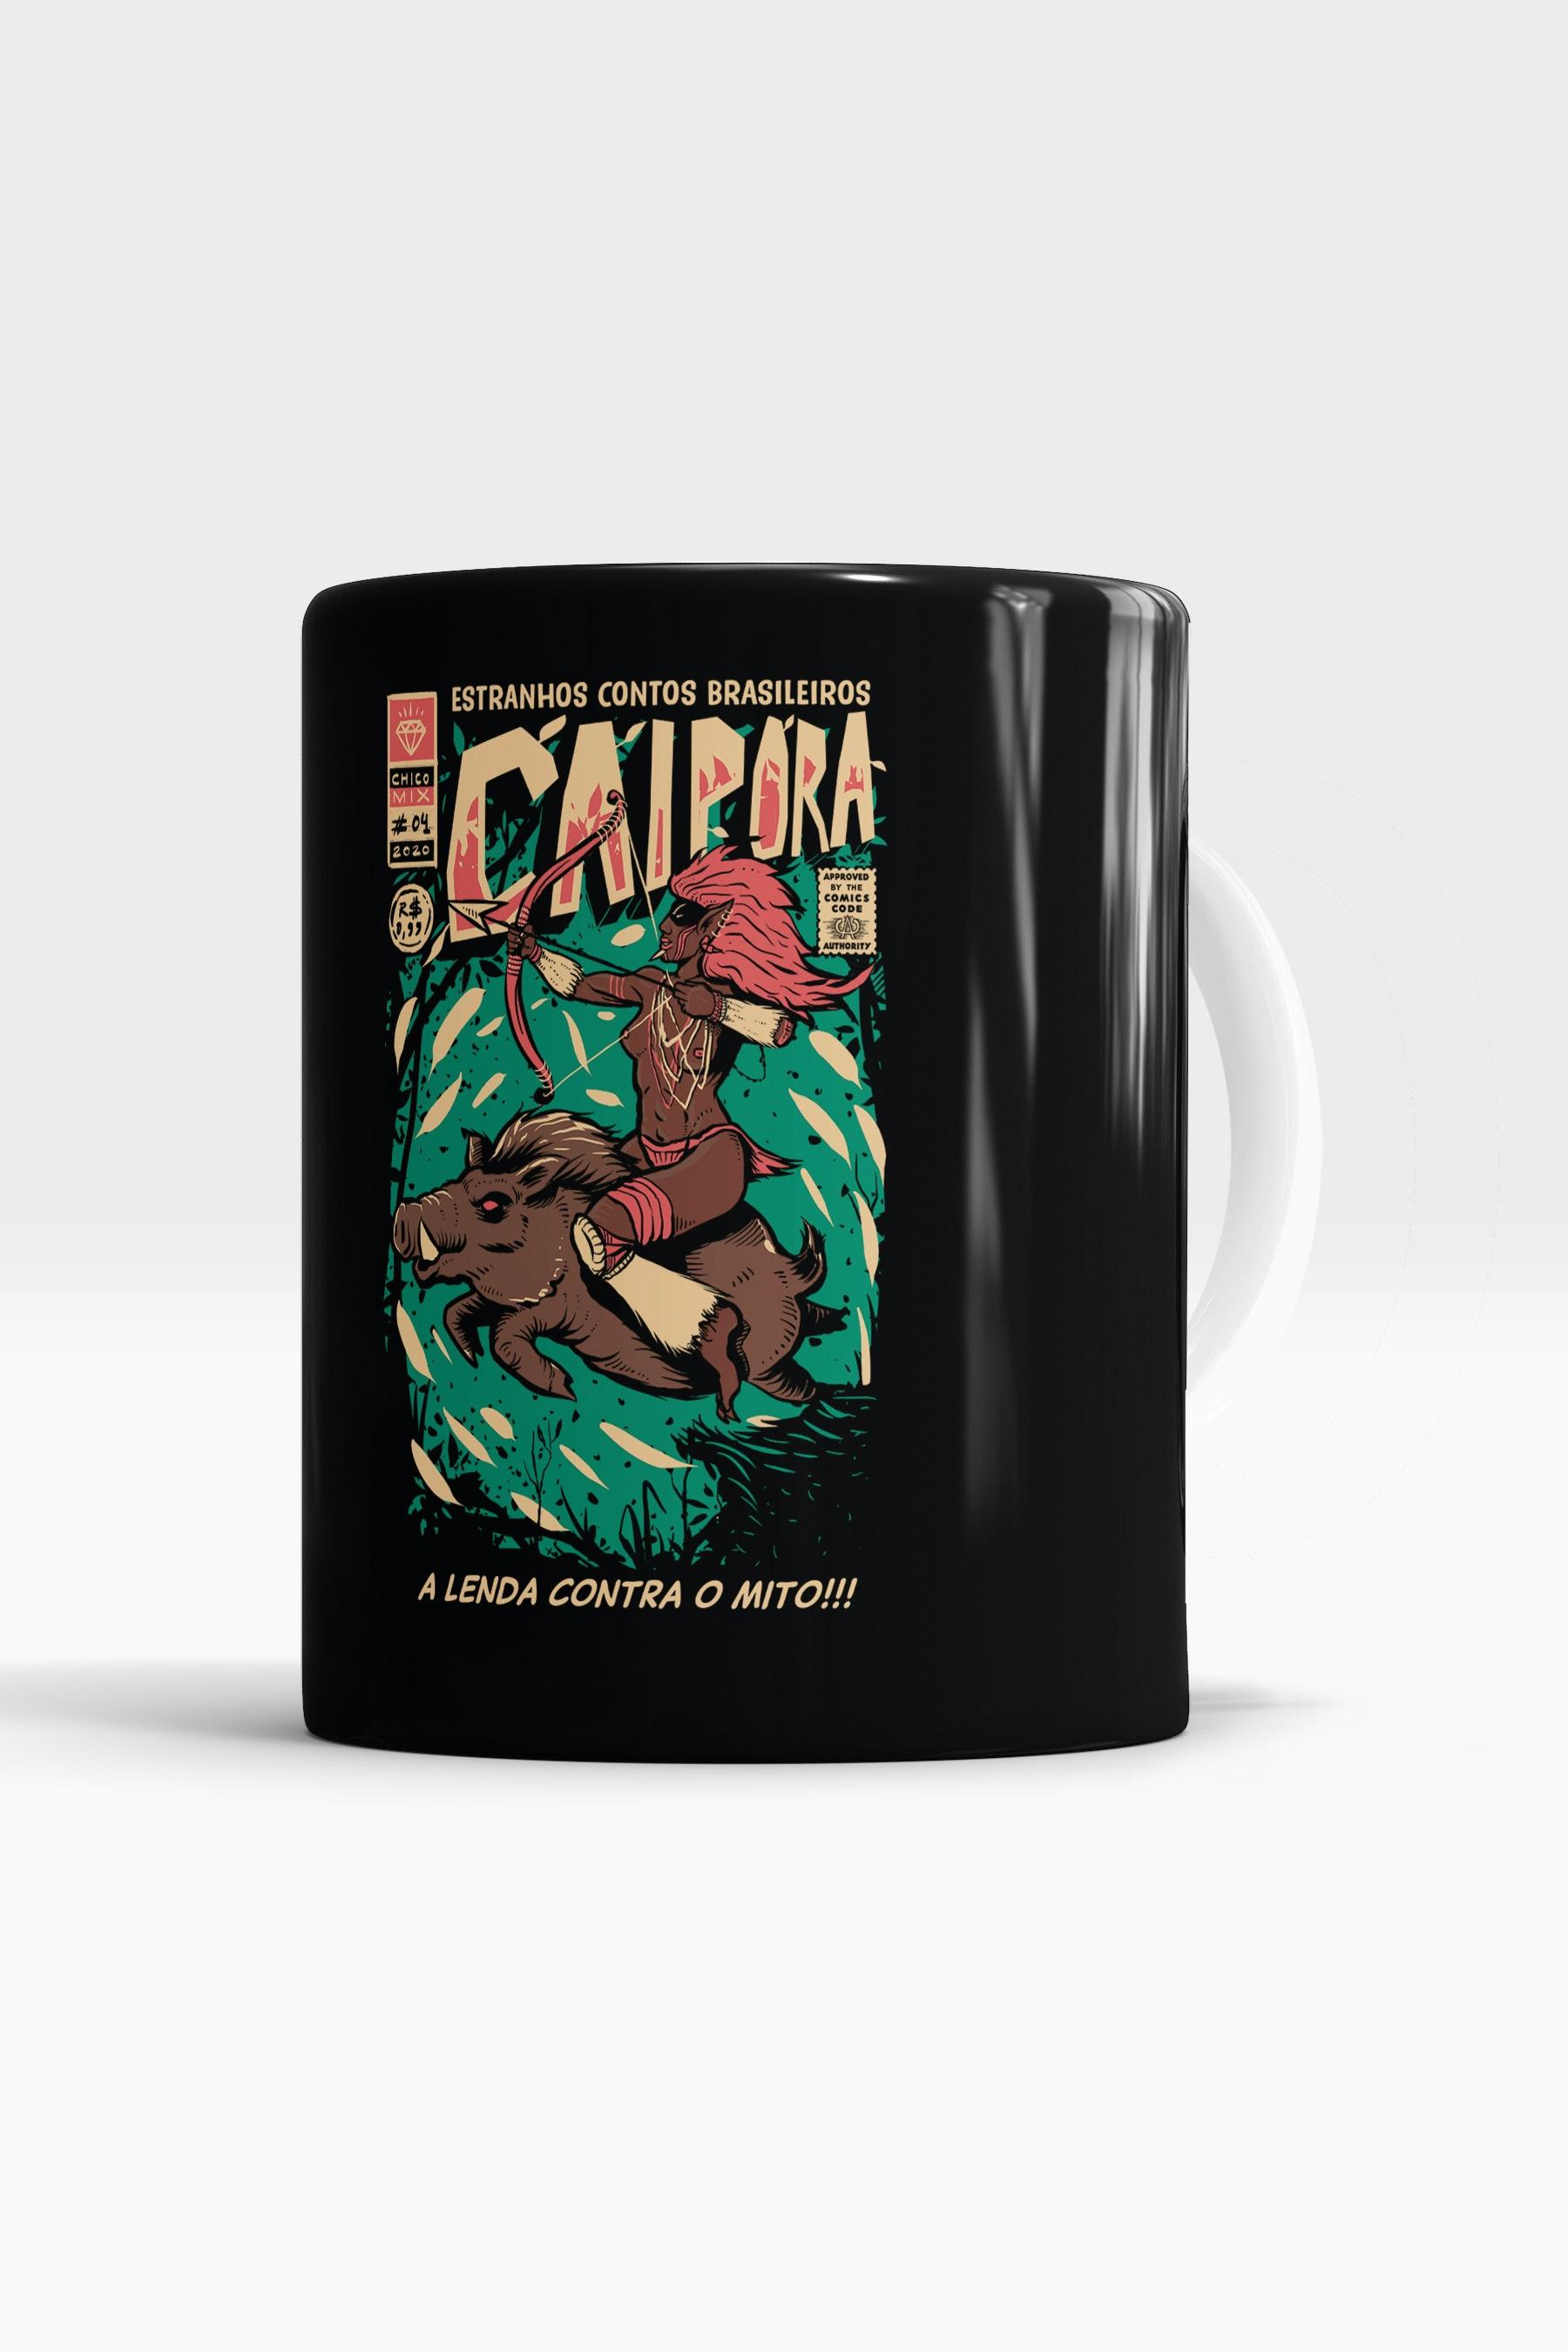 Caneca Caipora